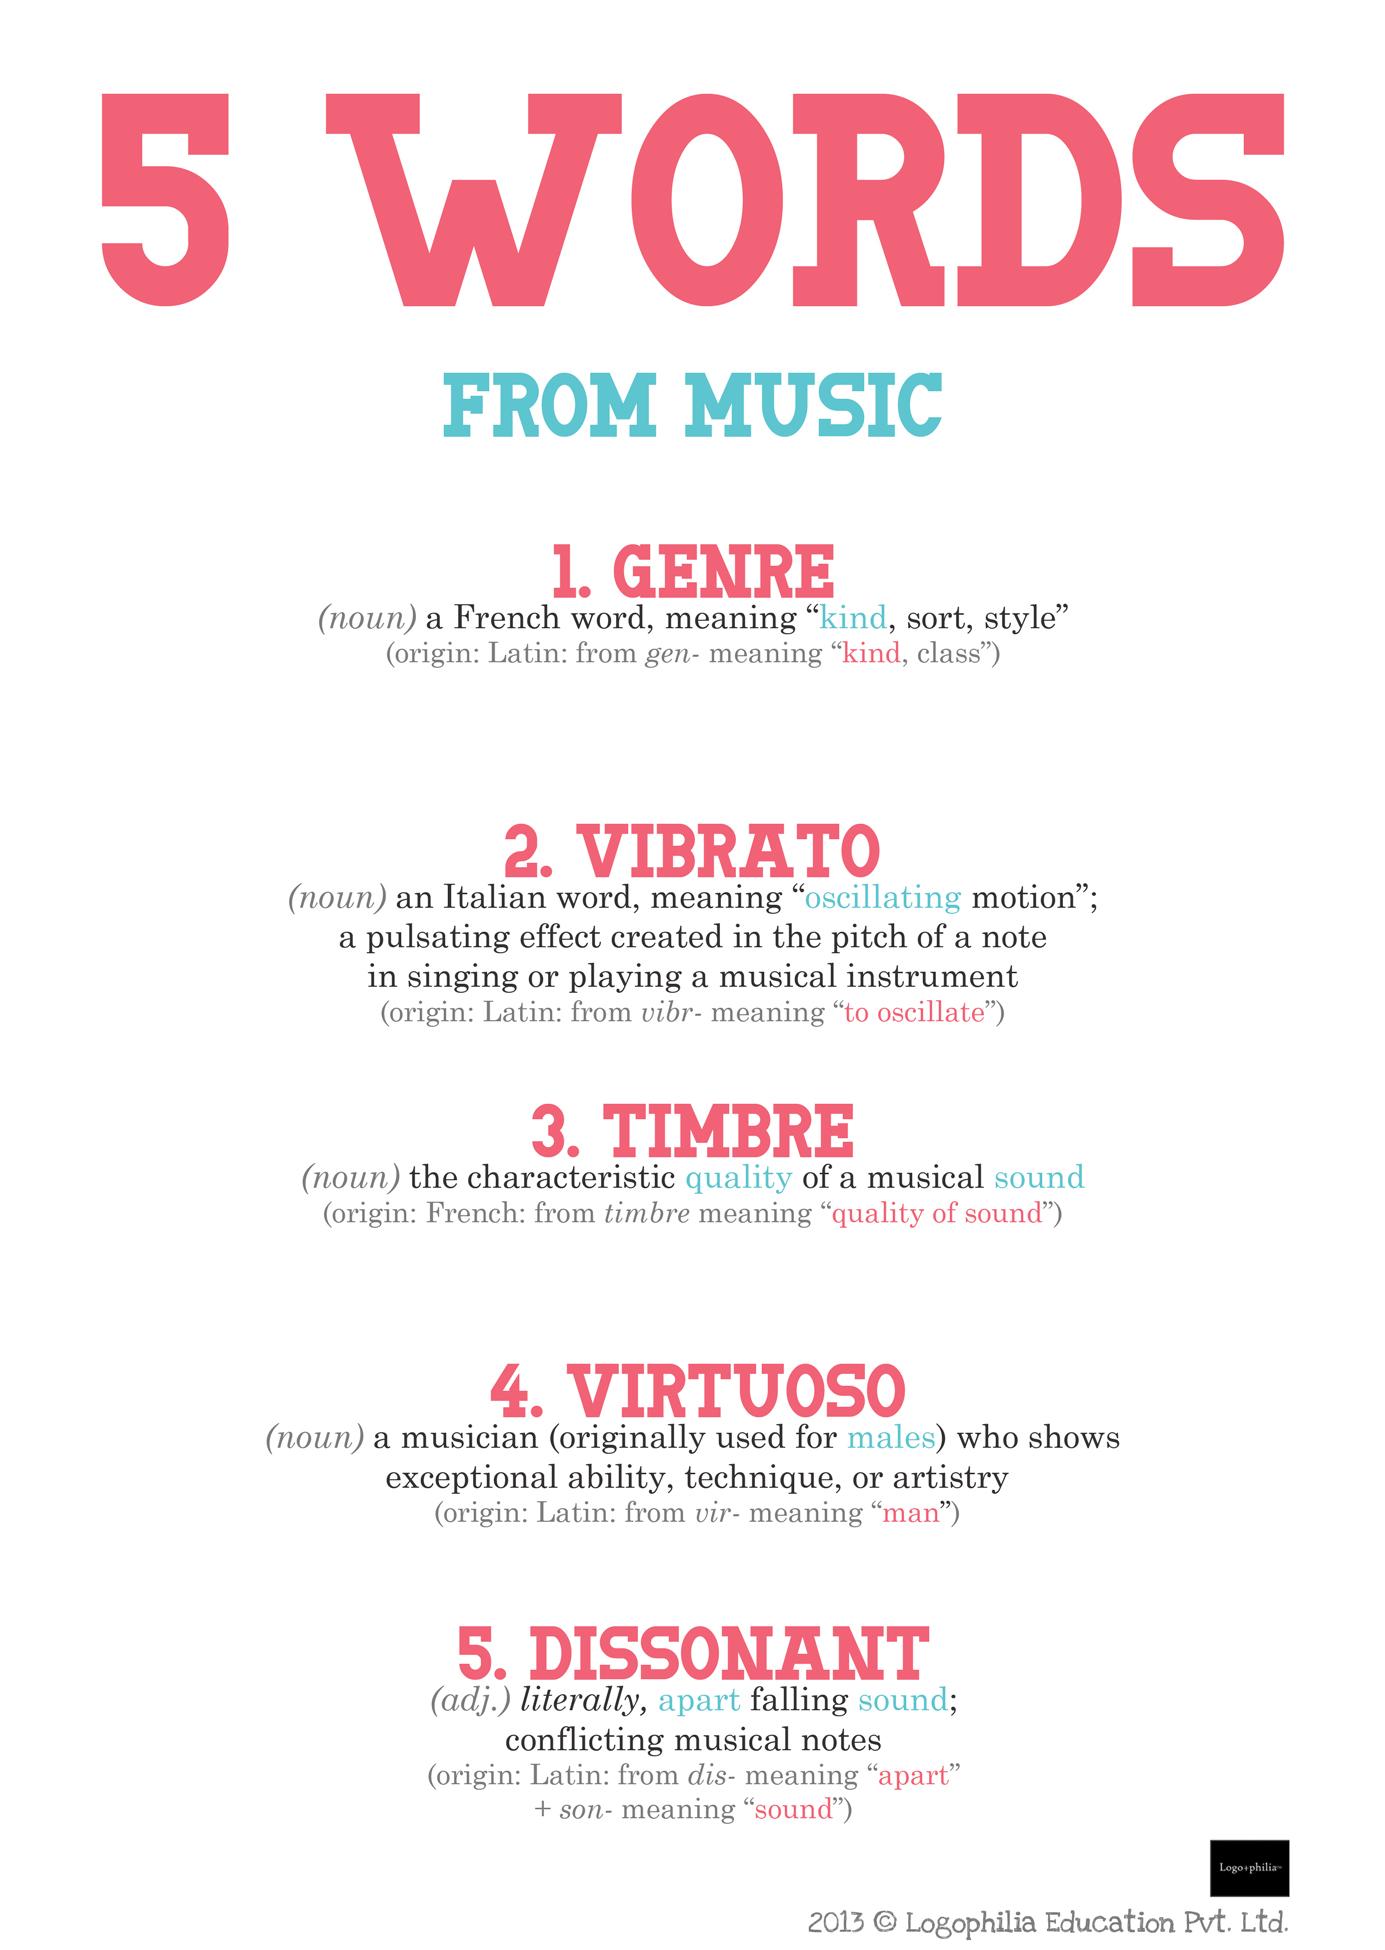 Blog-27-5-words-from-music - Logophilia Edu  Pvt  Ltd  | Pioneers in